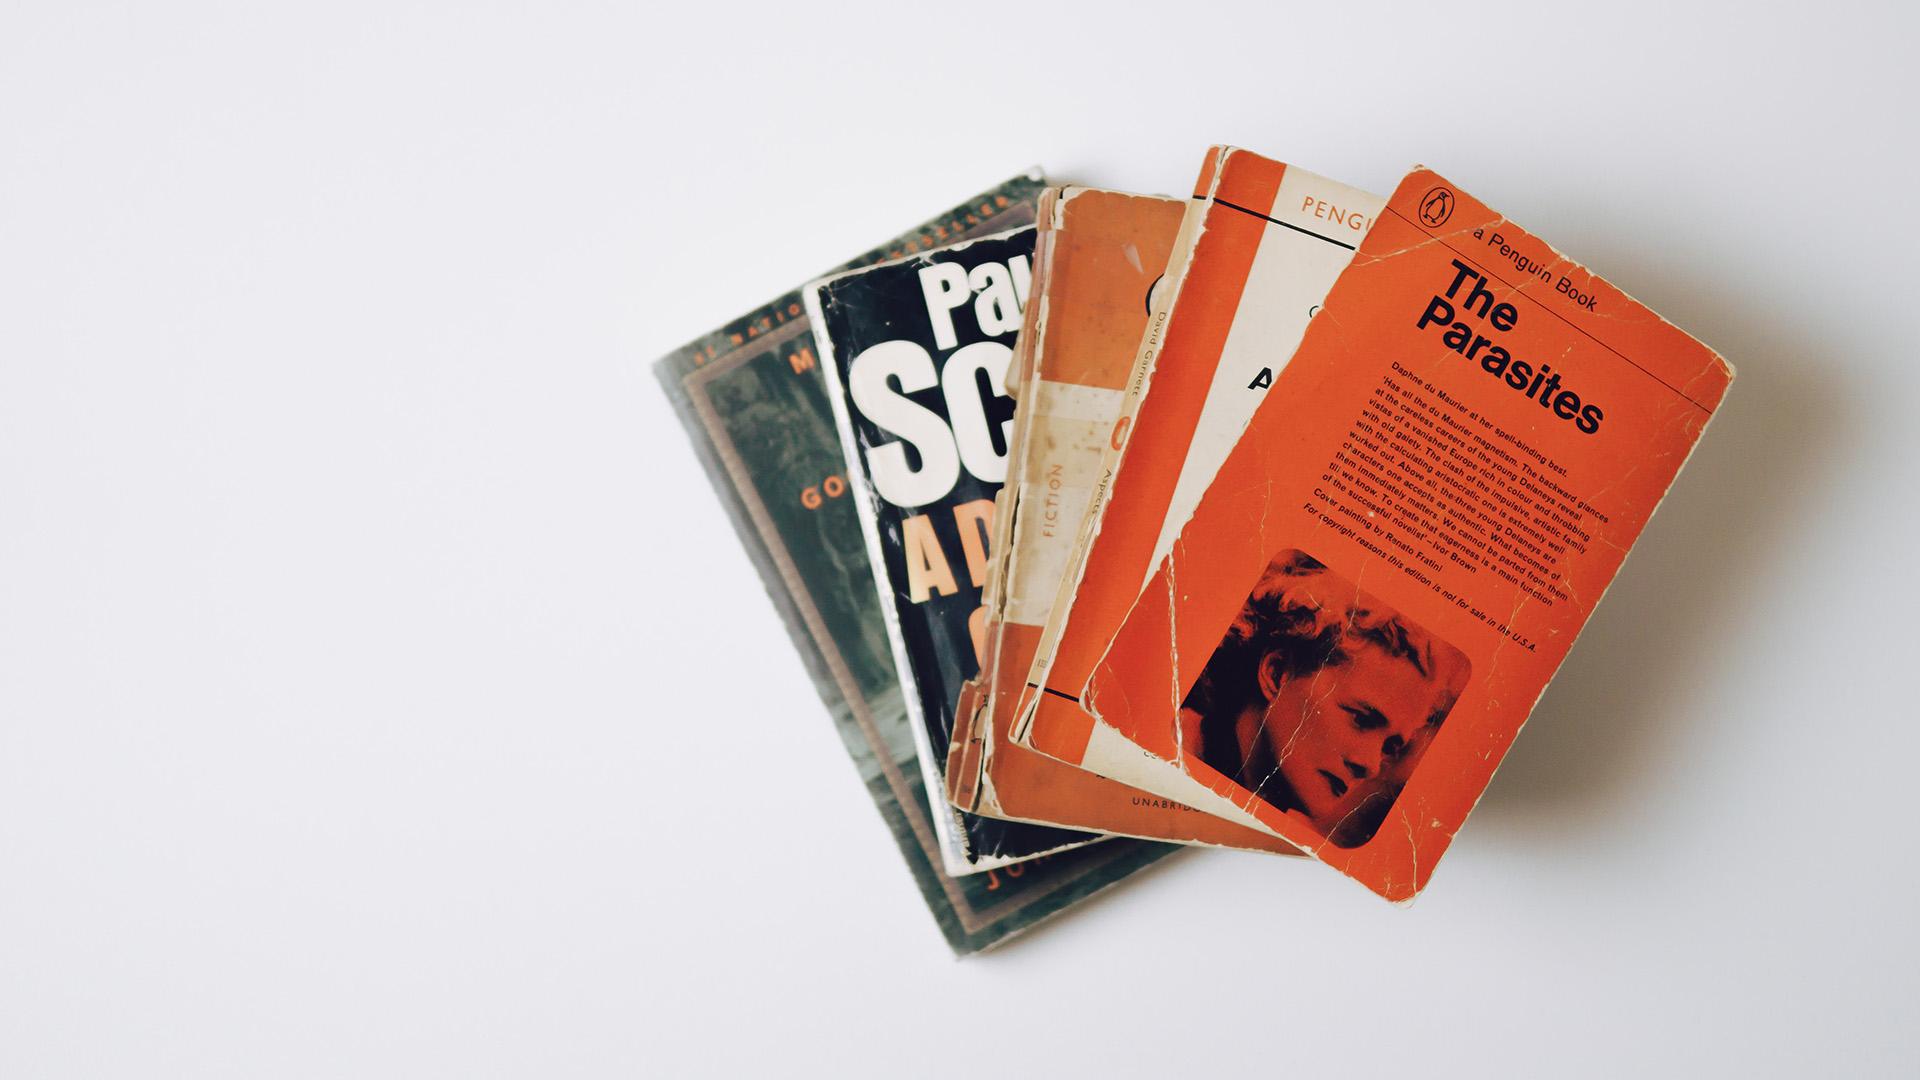 Alte, gestapelte Bücher auf weißem Hintergrund. Symbolbild für Redesign.